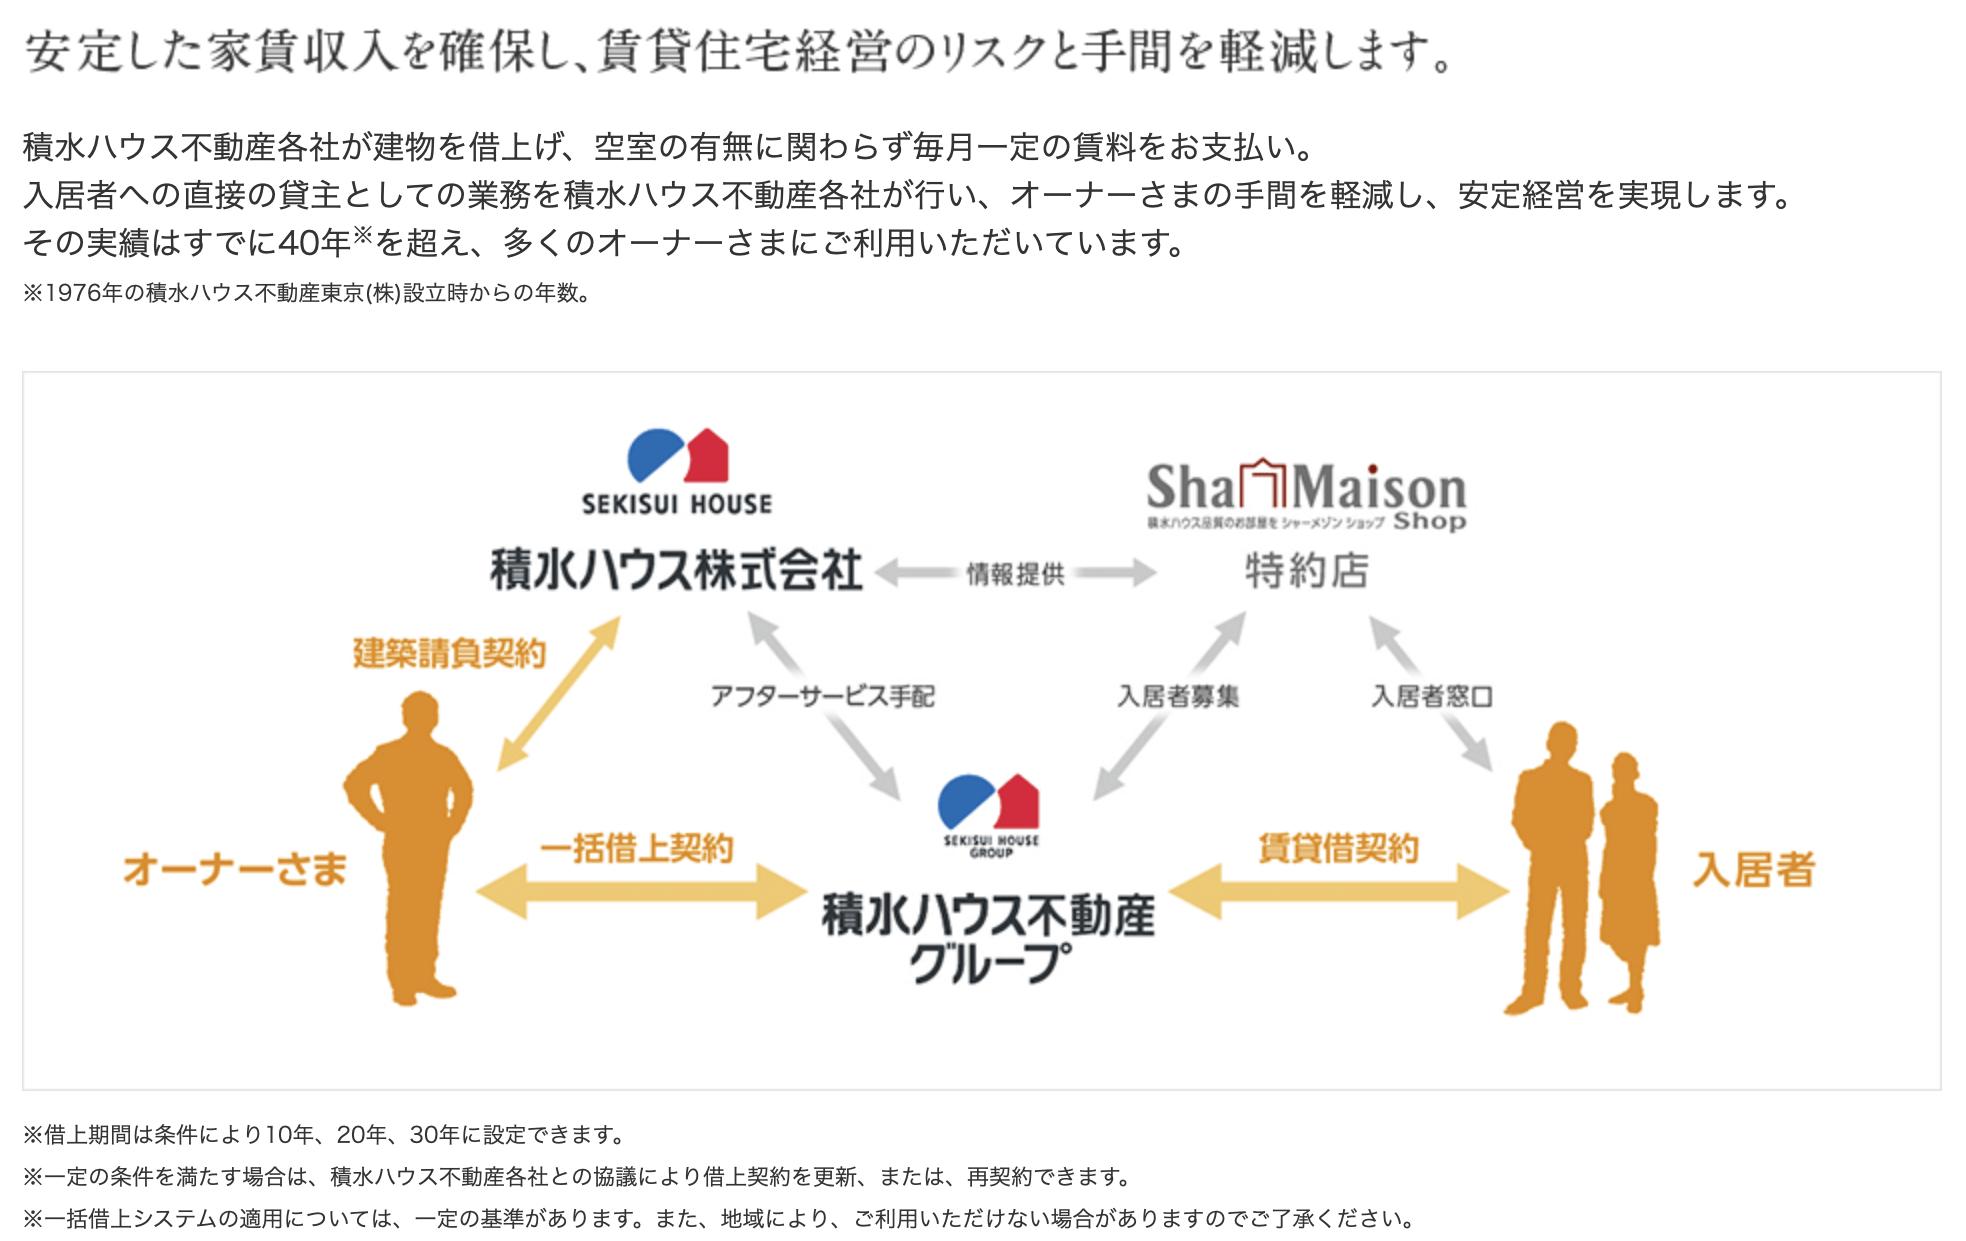 積和不動産(MASTネットワーク)の一括借上システム